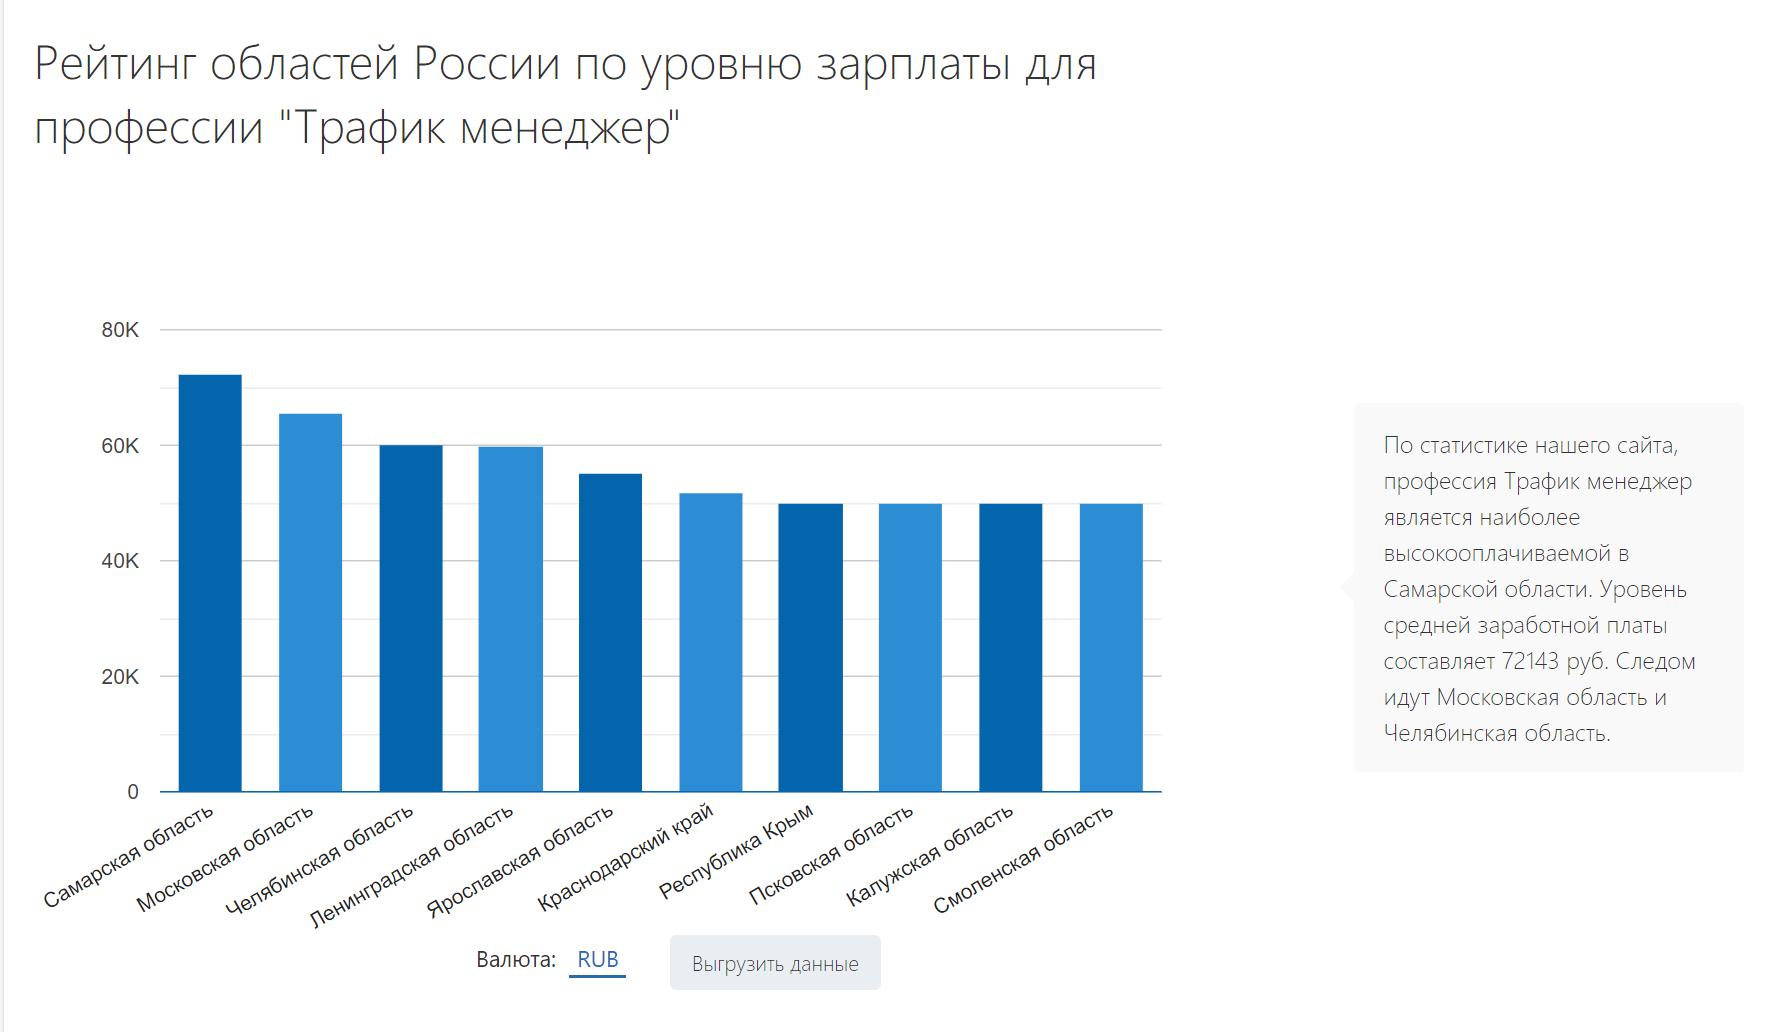 Рейтинг областей России по уровню зарплаты трафик-менеджера